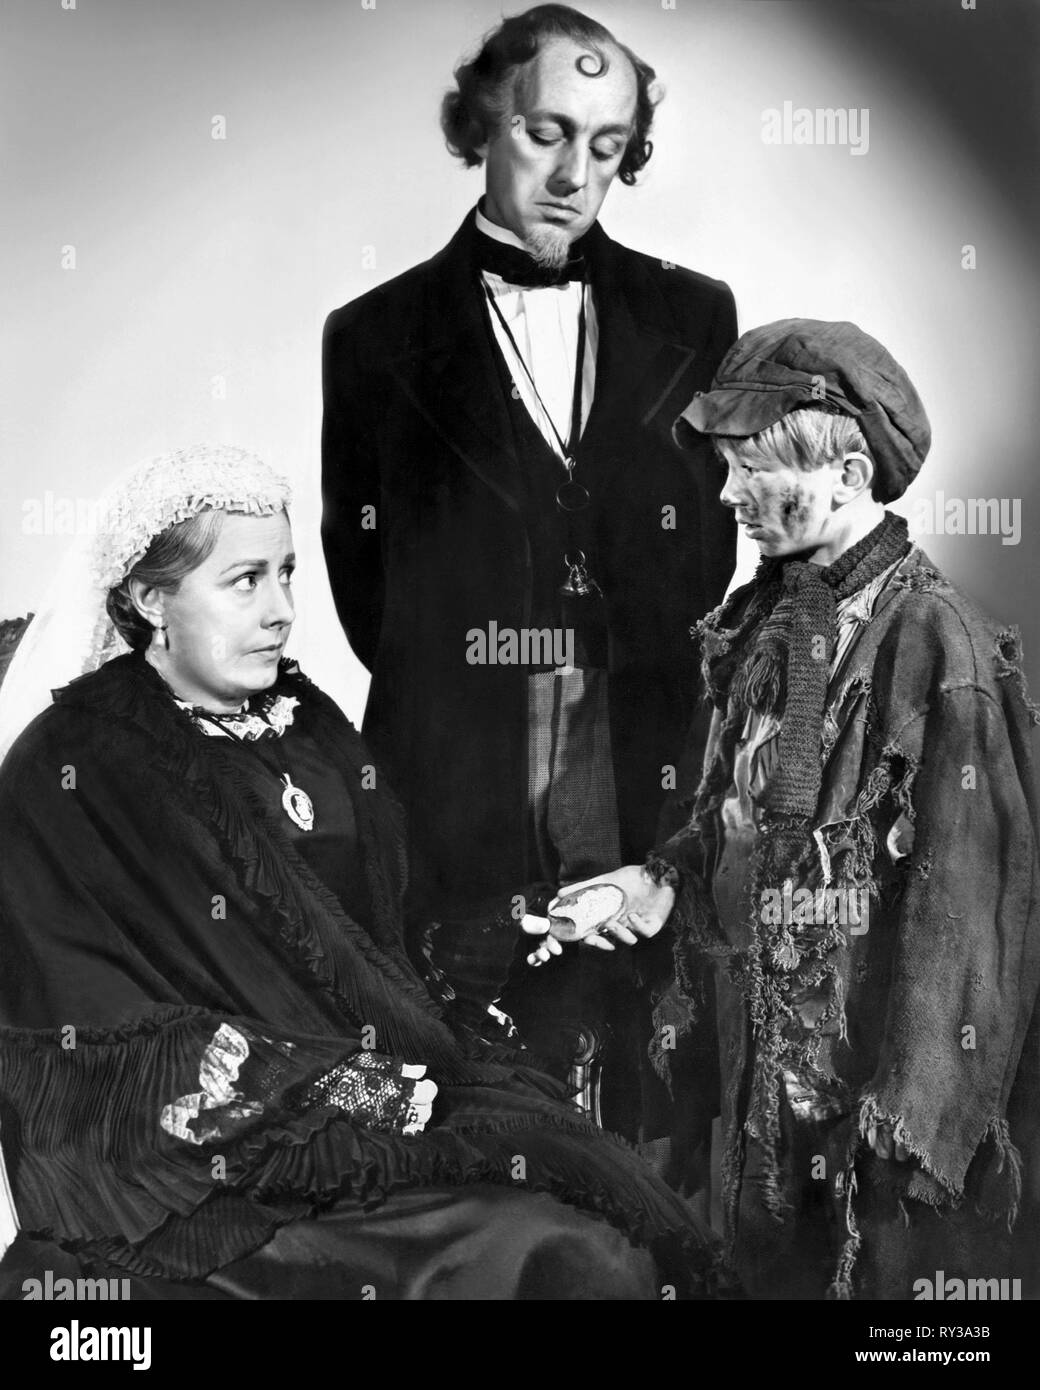 DUNNE,GUINNESS,RAY, THE MUDLARK, 1950 - Stock Image